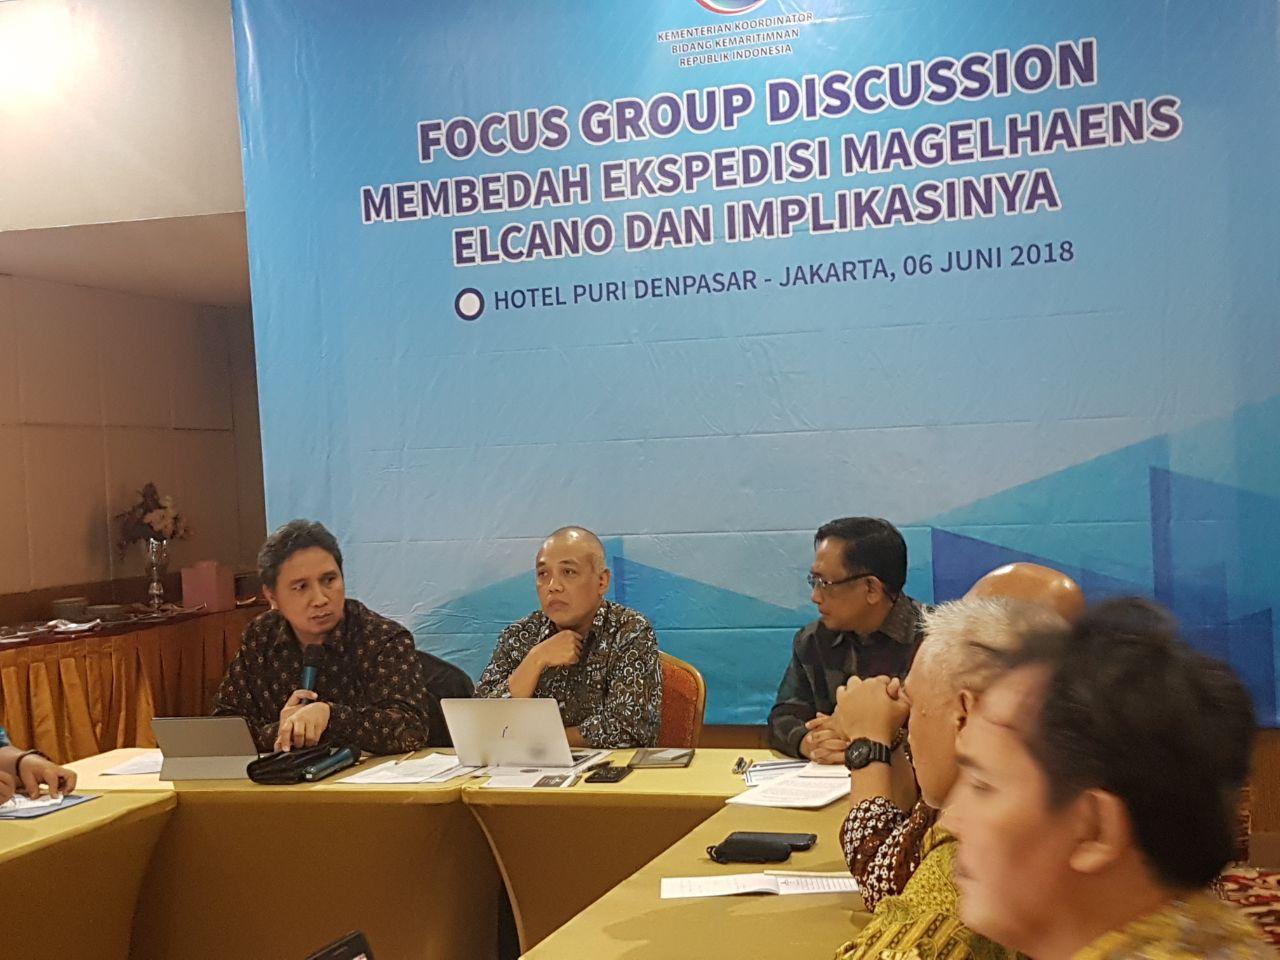 5 Abad Napak Tilas Magelhaens, Penguat Pariwisata Global dan Politik Indonesia